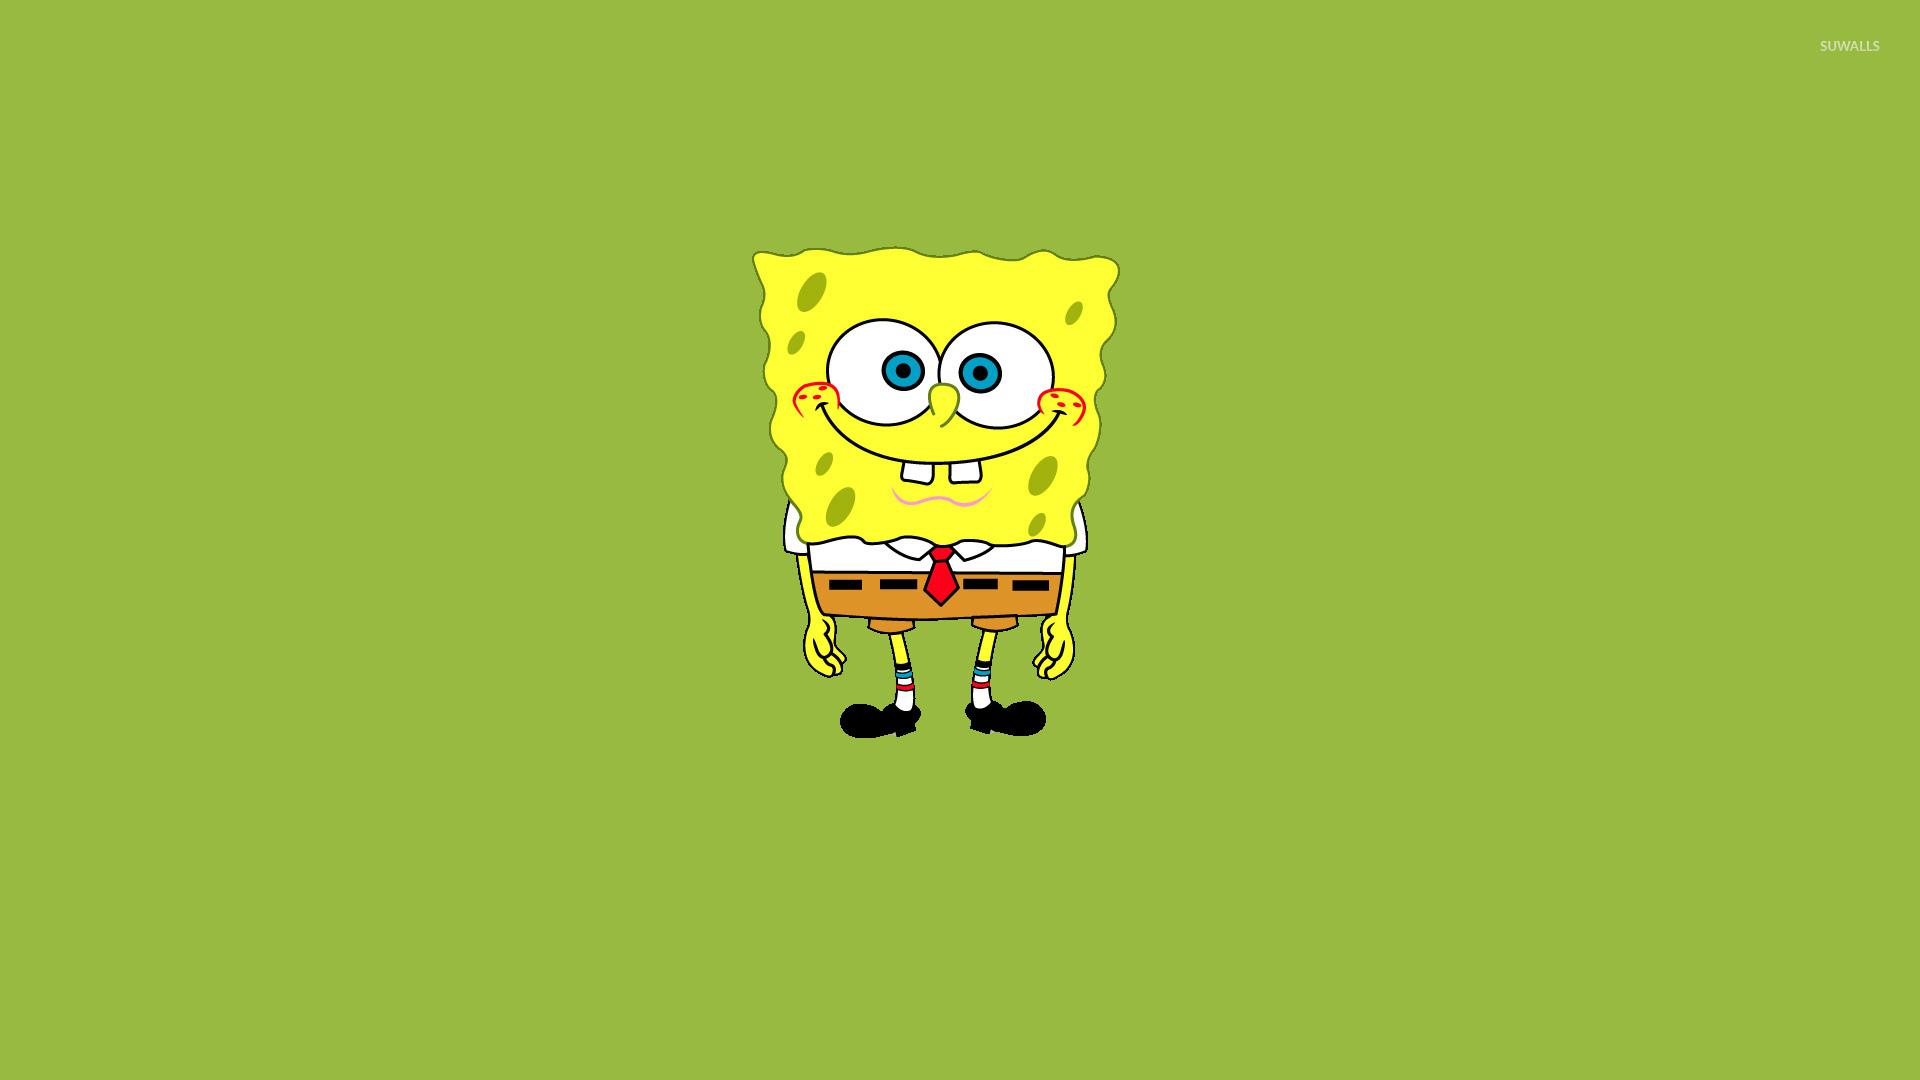 happy spongebob squarepants 49846